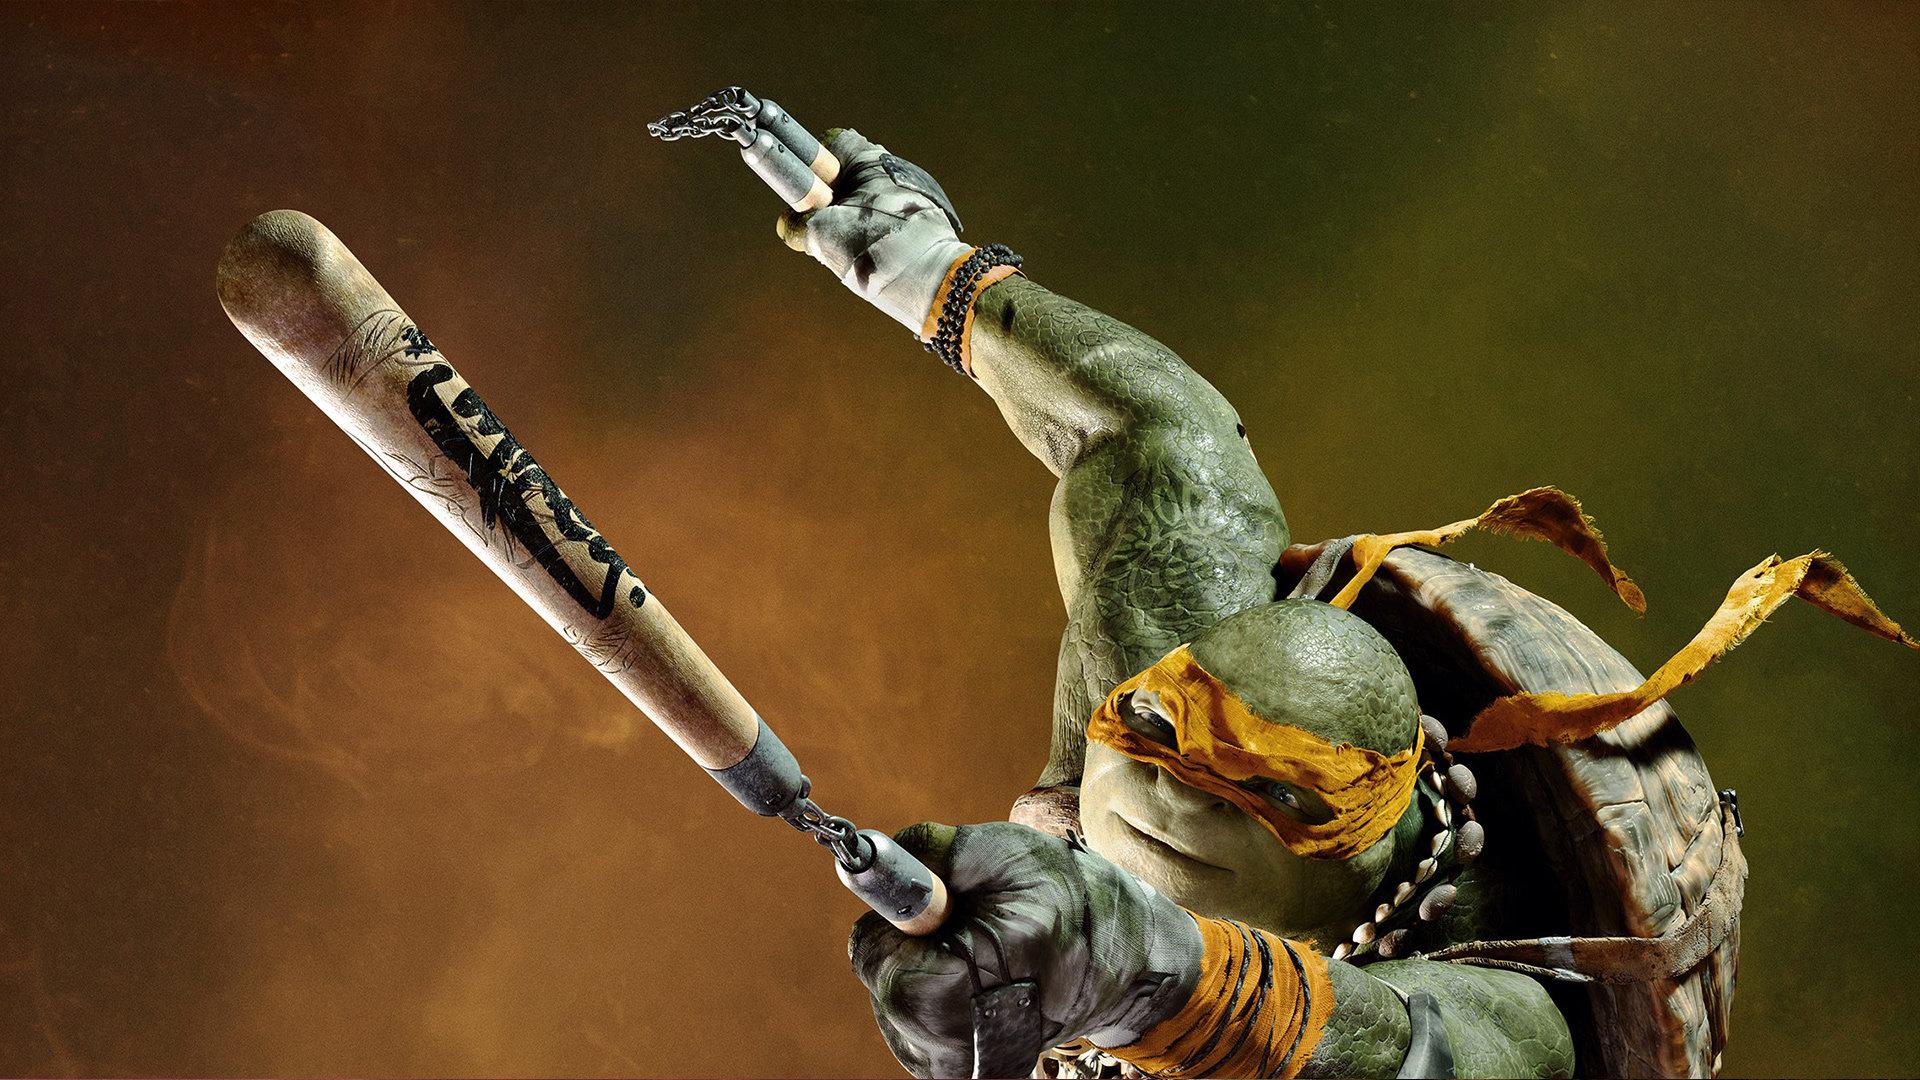 Free Teenage Mutant Ninja Turtles 2014 Tmnt Movie High Quality